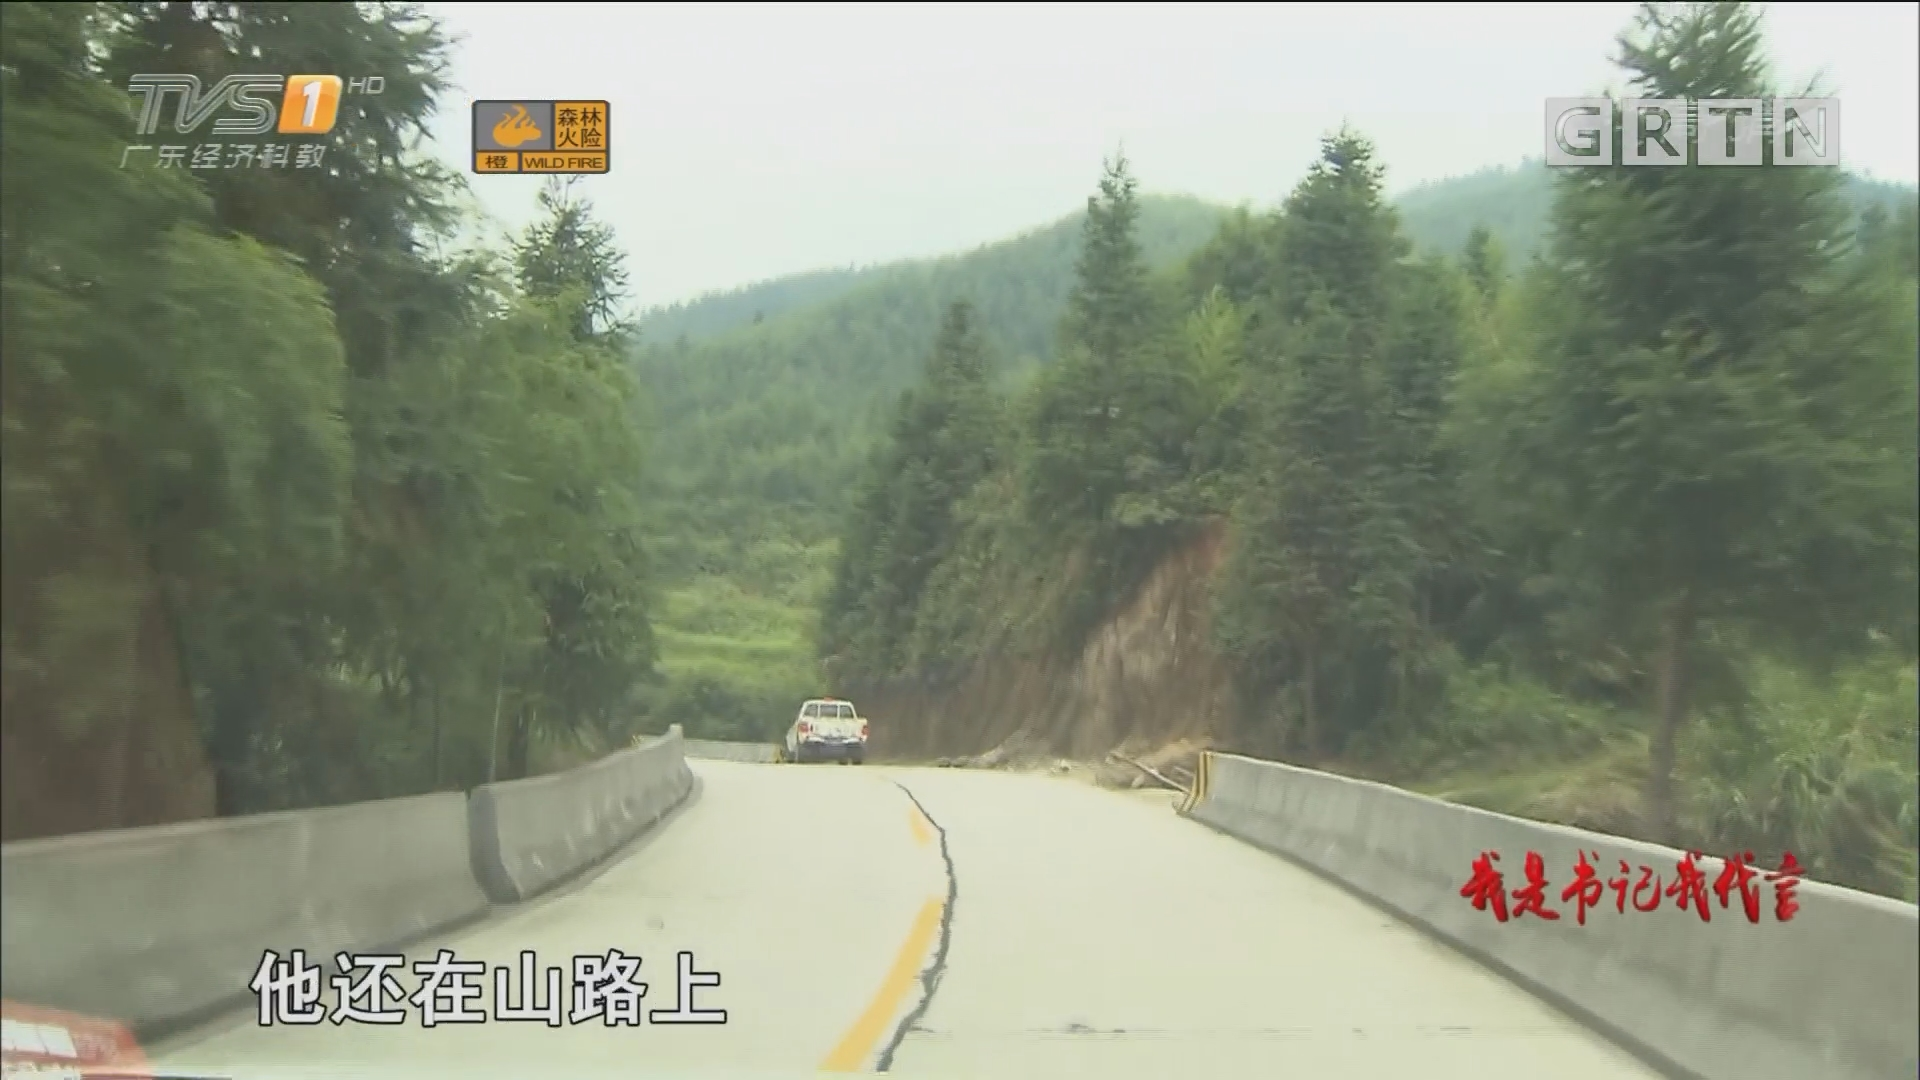 乐昌小山村第一书记蒋耘:水稻梯田中谱出扶贫曲(二)